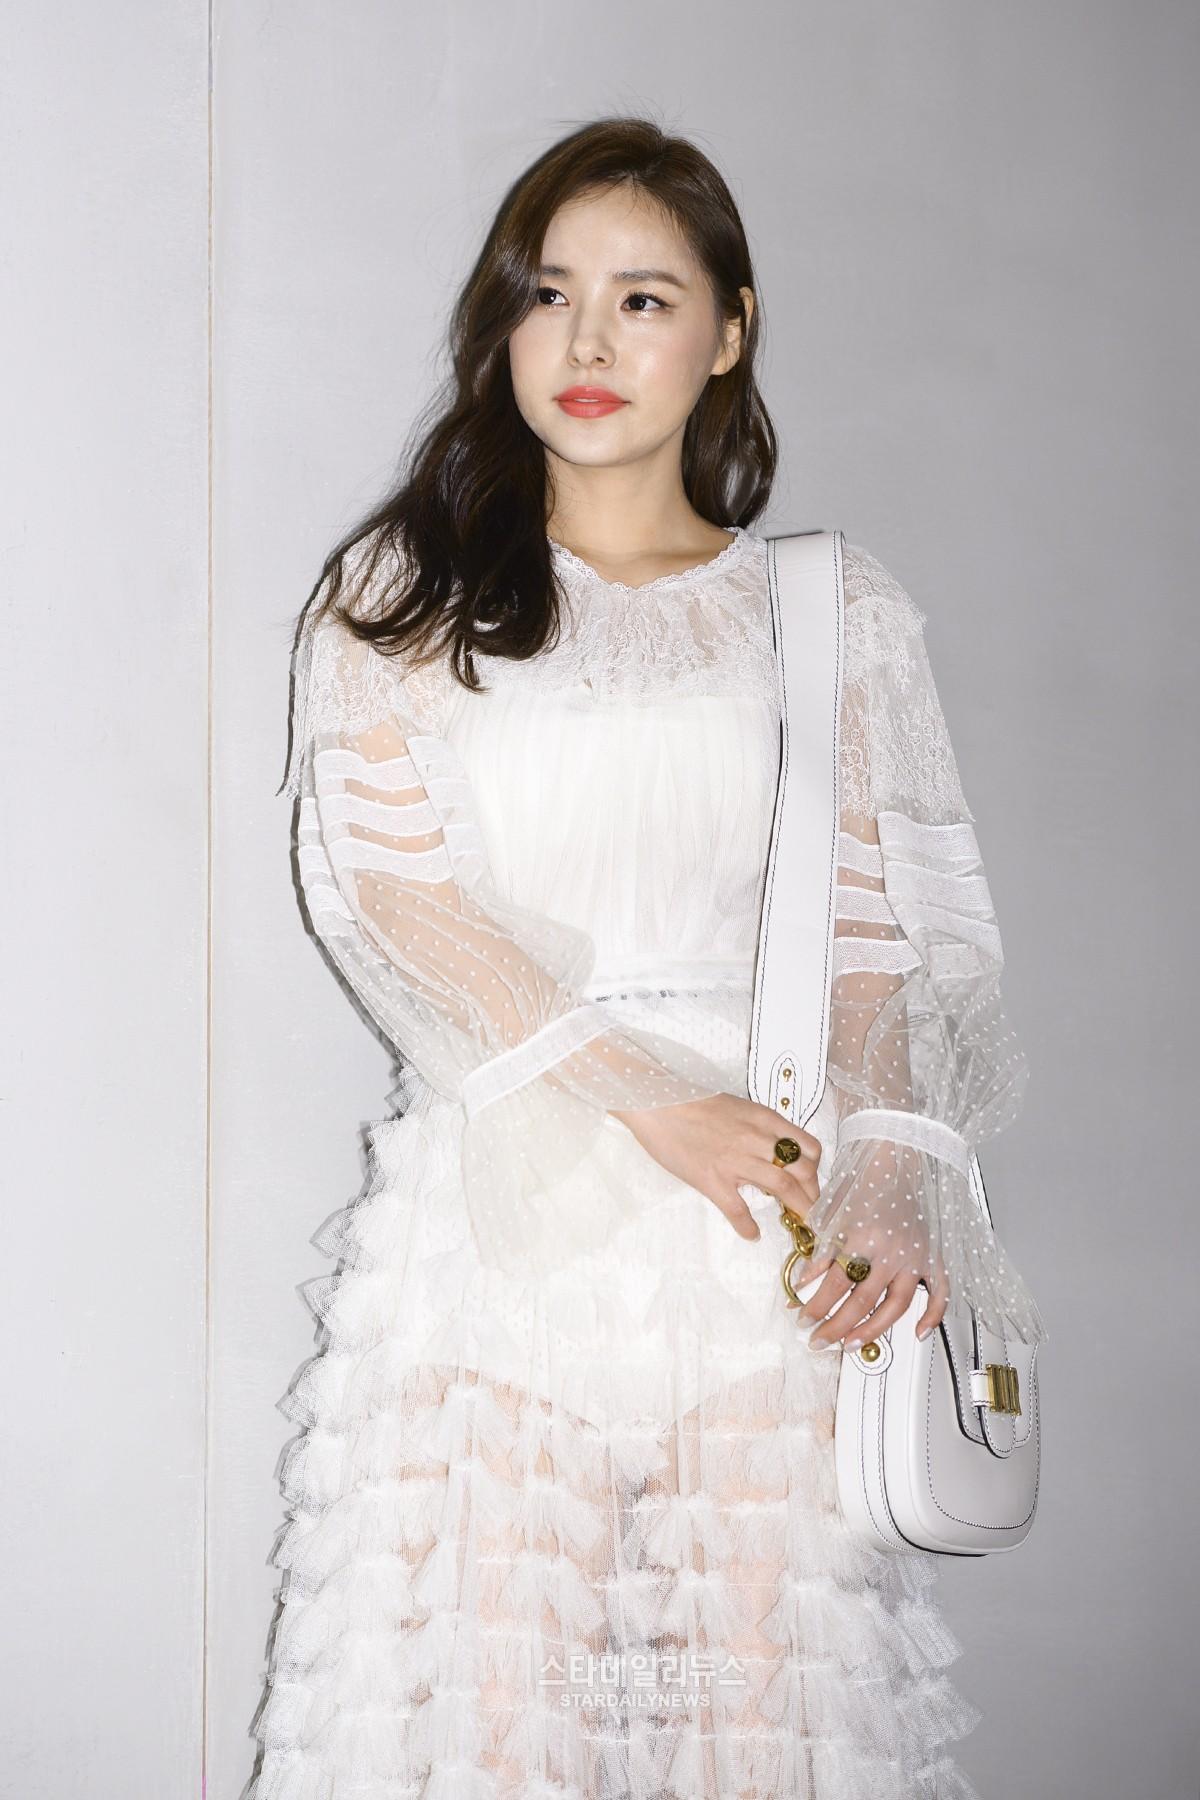 Yoona và Sulli cùng diện đồ hiệu đẳng cấp, đọ sắc vóc một chín một mười tại sự kiện của Dior - Ảnh 10.